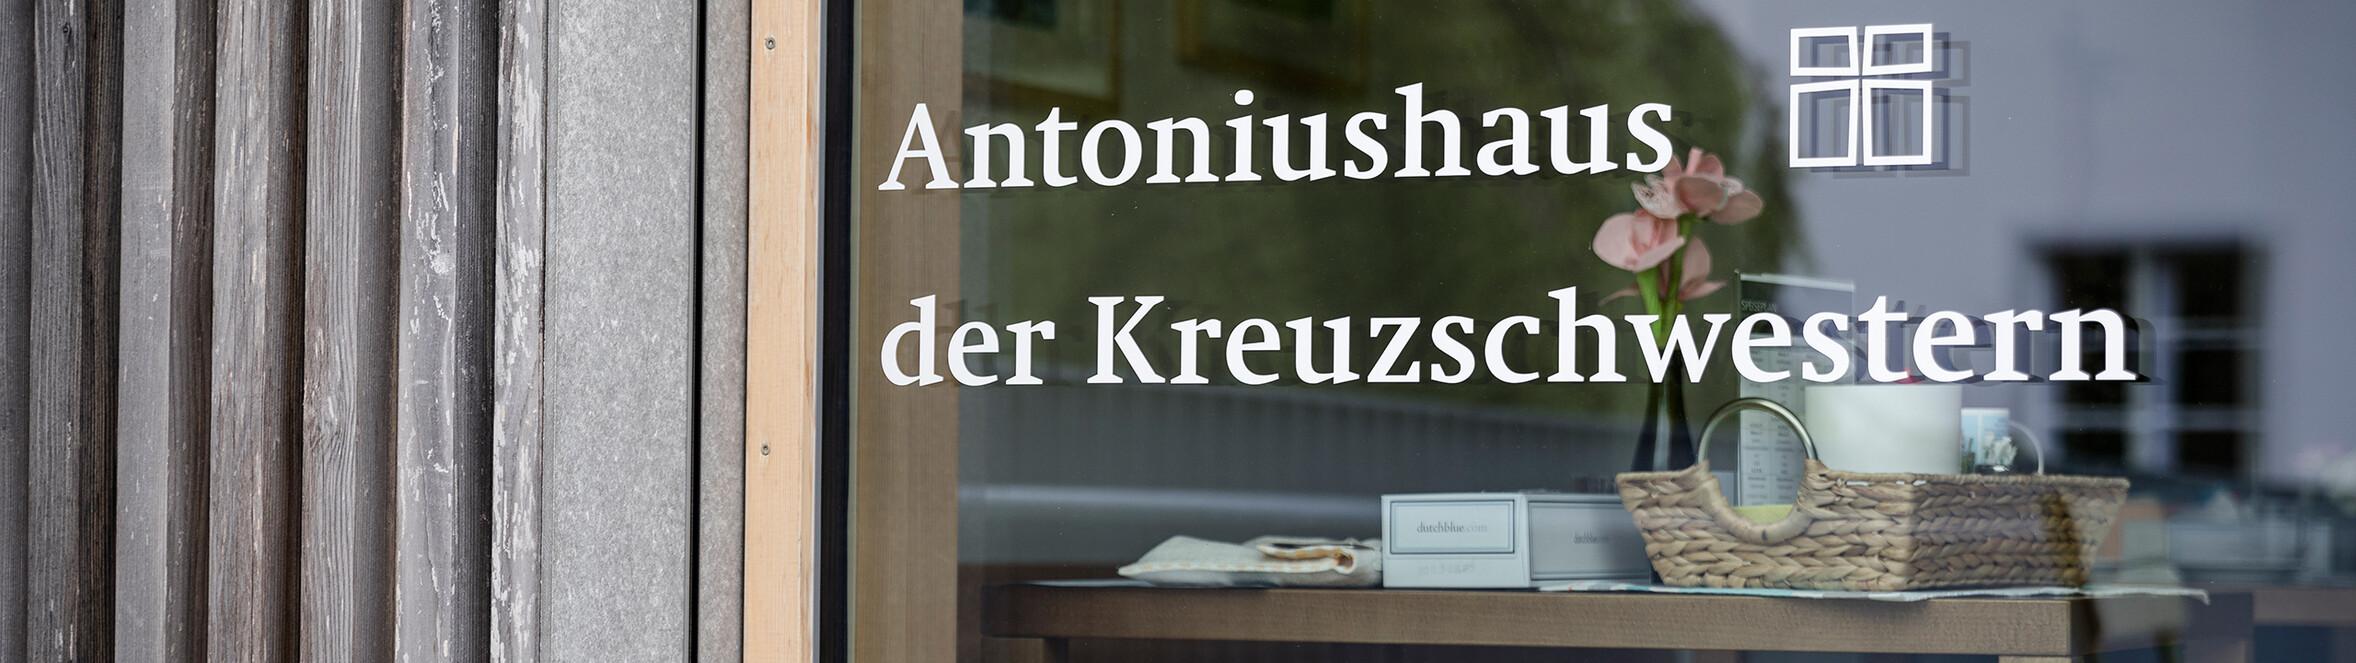 Antoniushaus der Kreuzschwestern in Feldkirch, Vorarlberg